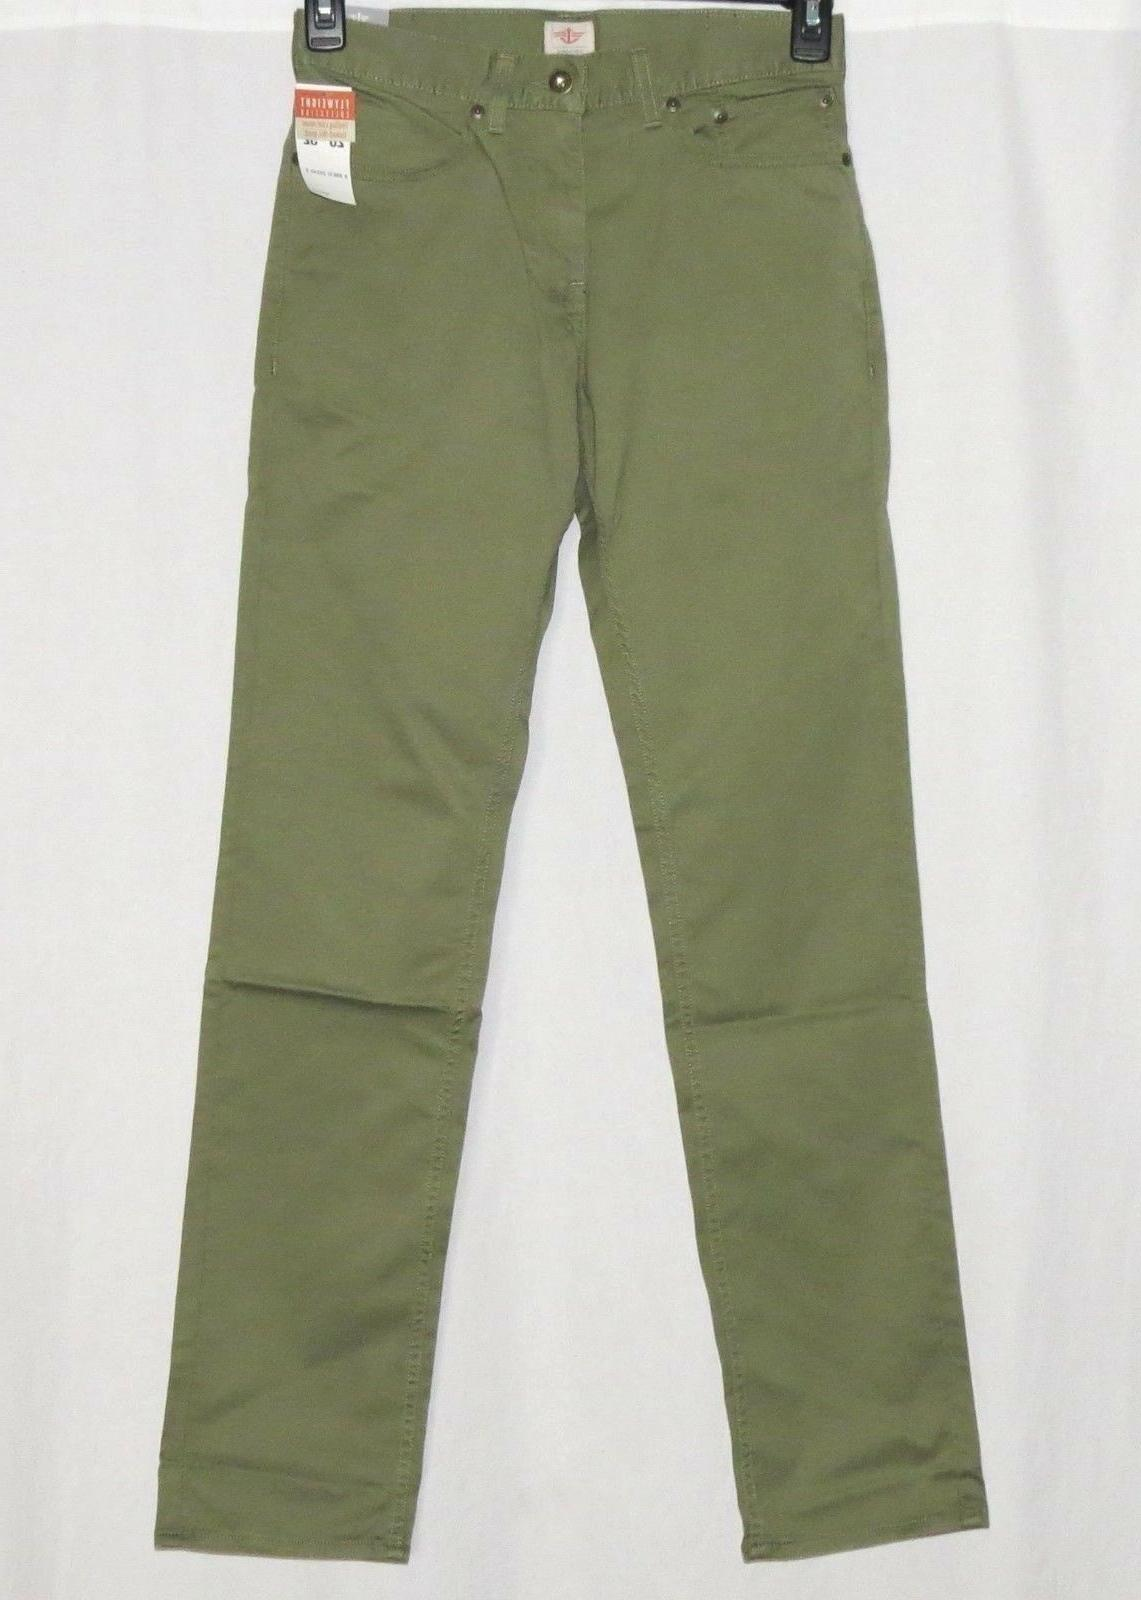 DOCKERS 29X30 NEW Mens Pants D1 Slim Fit Flyweight Twill Jea